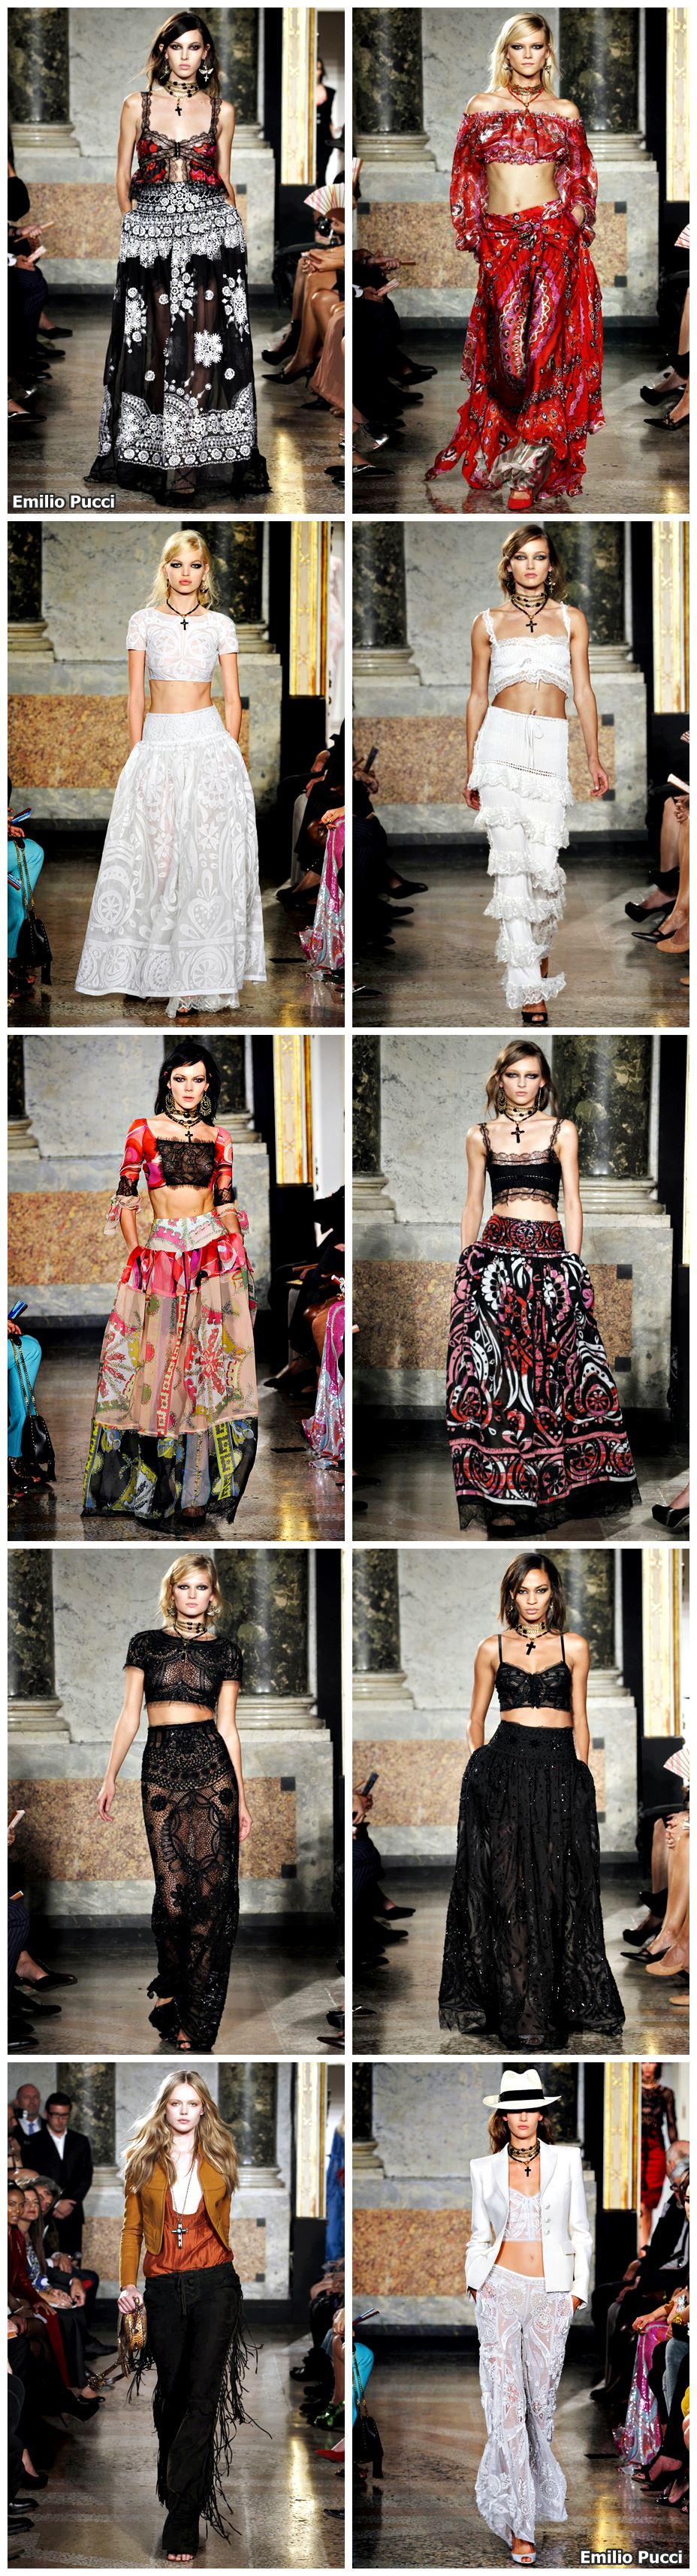 Alerta de tendência Estilo Gypsy – o Cigano contemporâneo Emilio Pucci